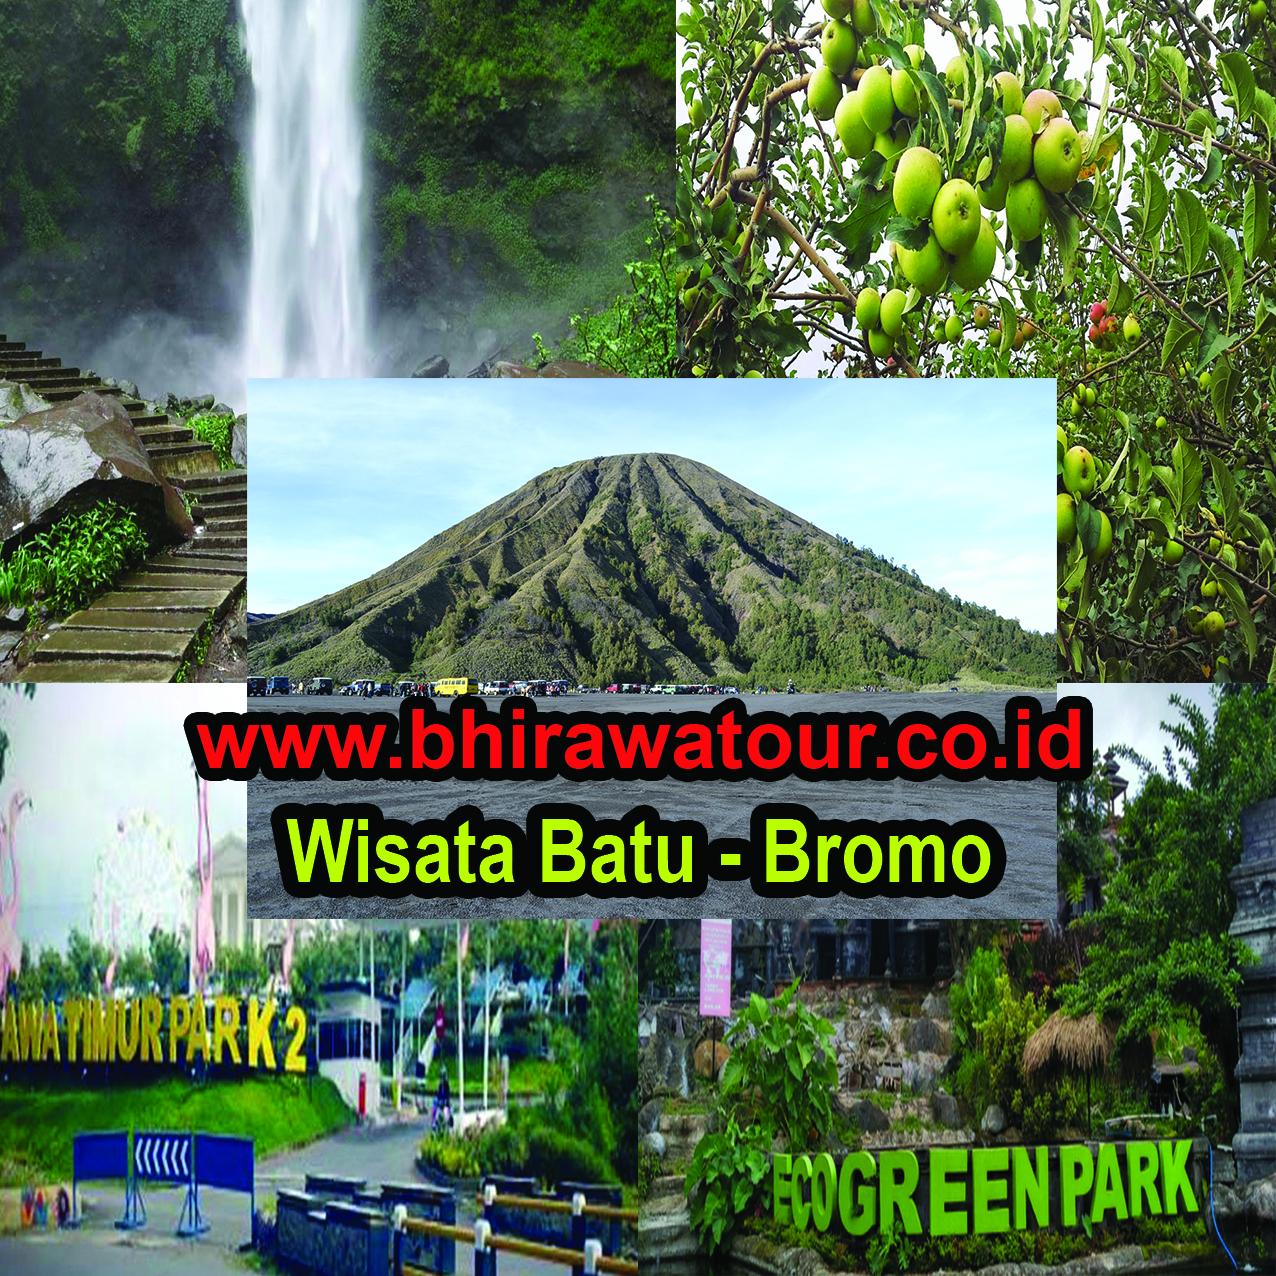 Paket City Tour Murah Dtravelcoid And Travel Wisata Batu Dan Malang Salah Satu Agen Yang Menyediakan Bromo